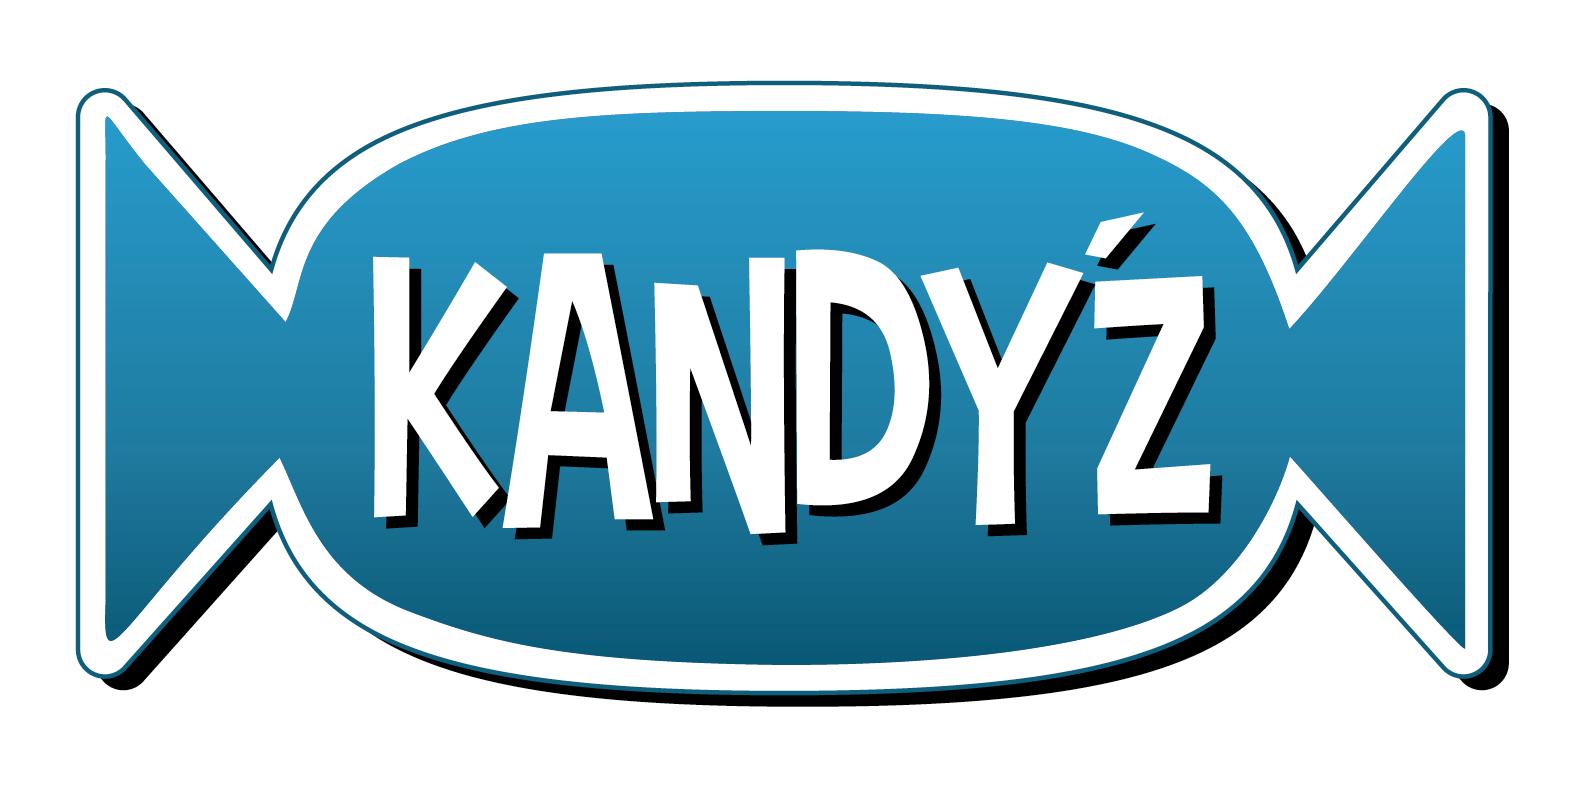 Kandy'z